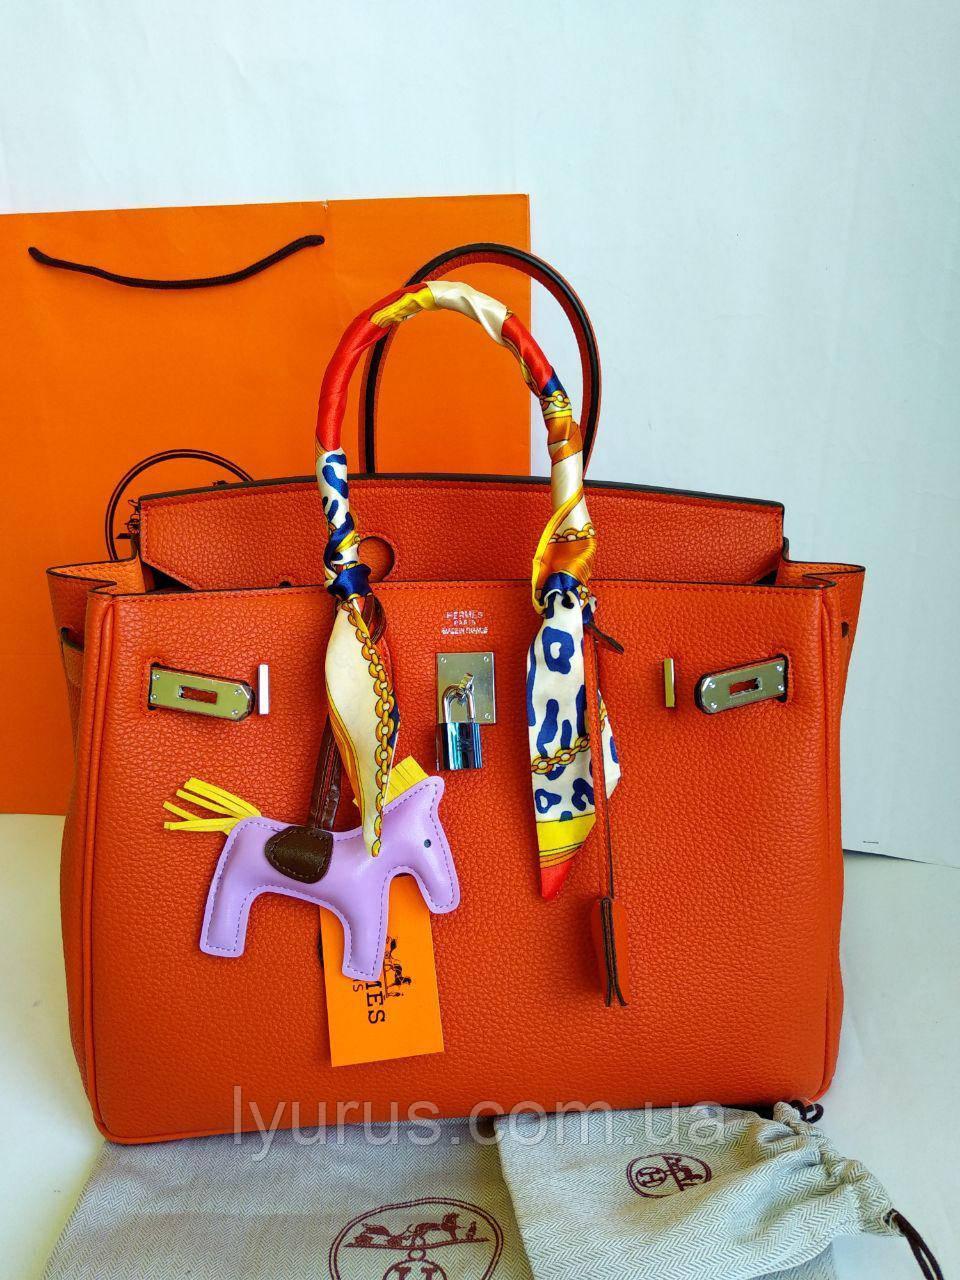 461cf58a1de5 Женская сумка в стиле Hermes Birkin Эрмес Биркин - Интернет магазин LyuRus  в Полтаве